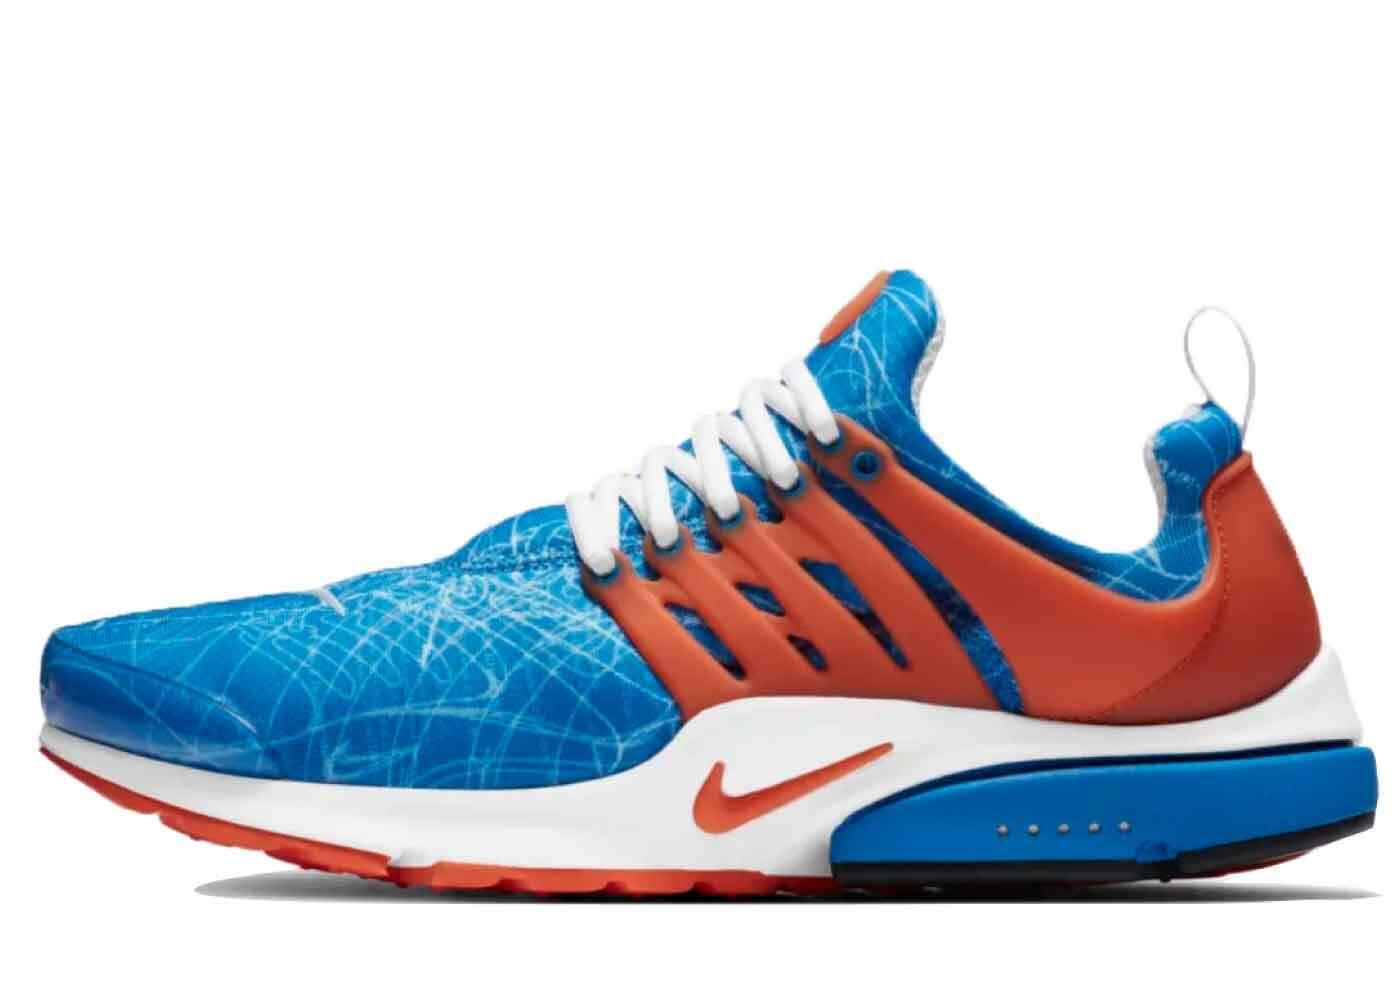 Nike Air Presto Soarの写真